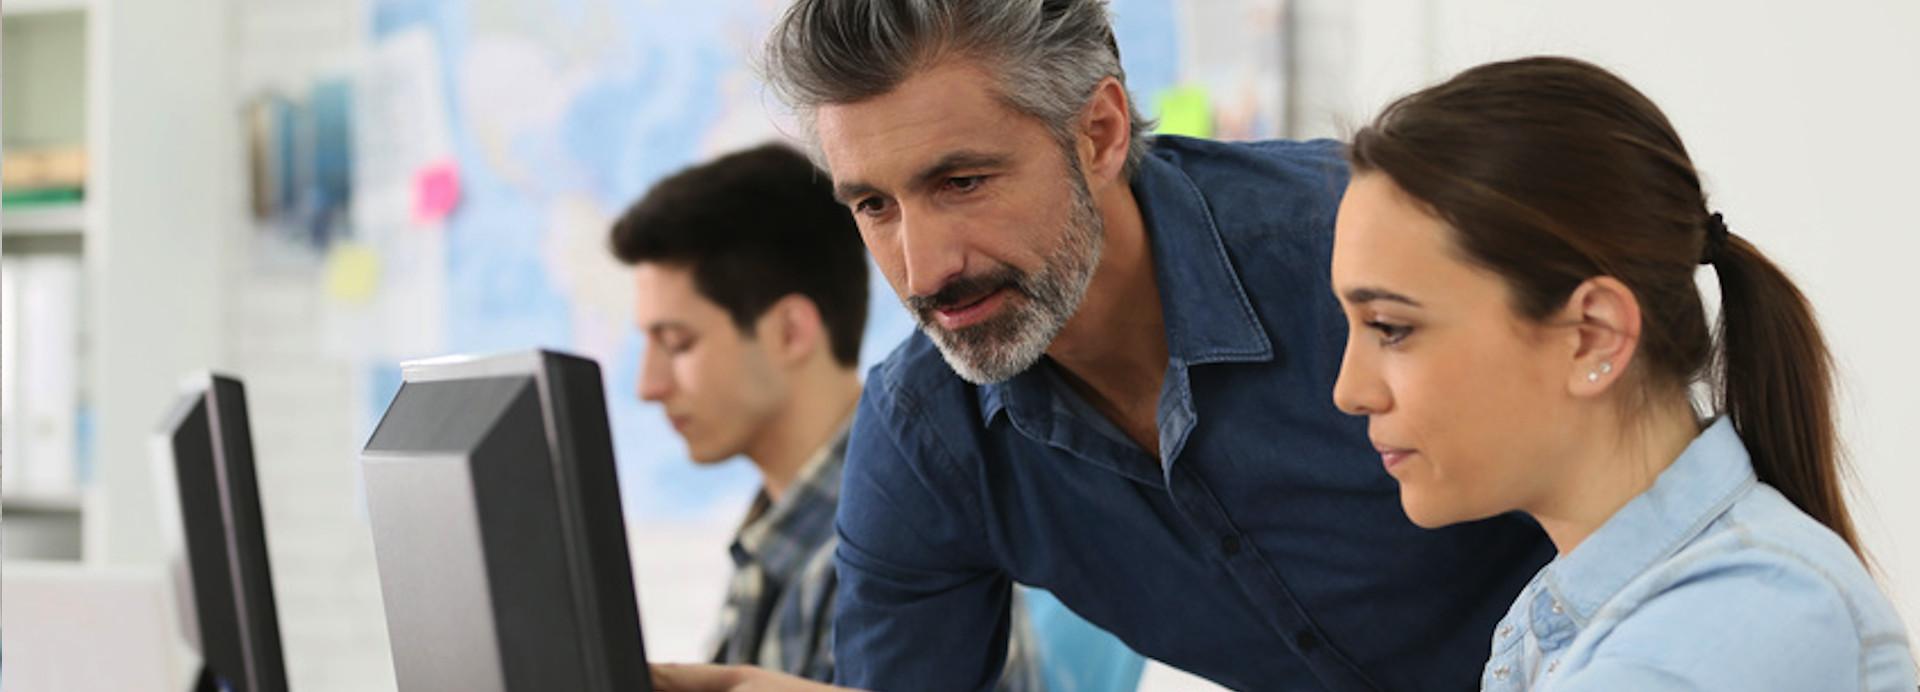 EDV Schulungen für Unternehmen